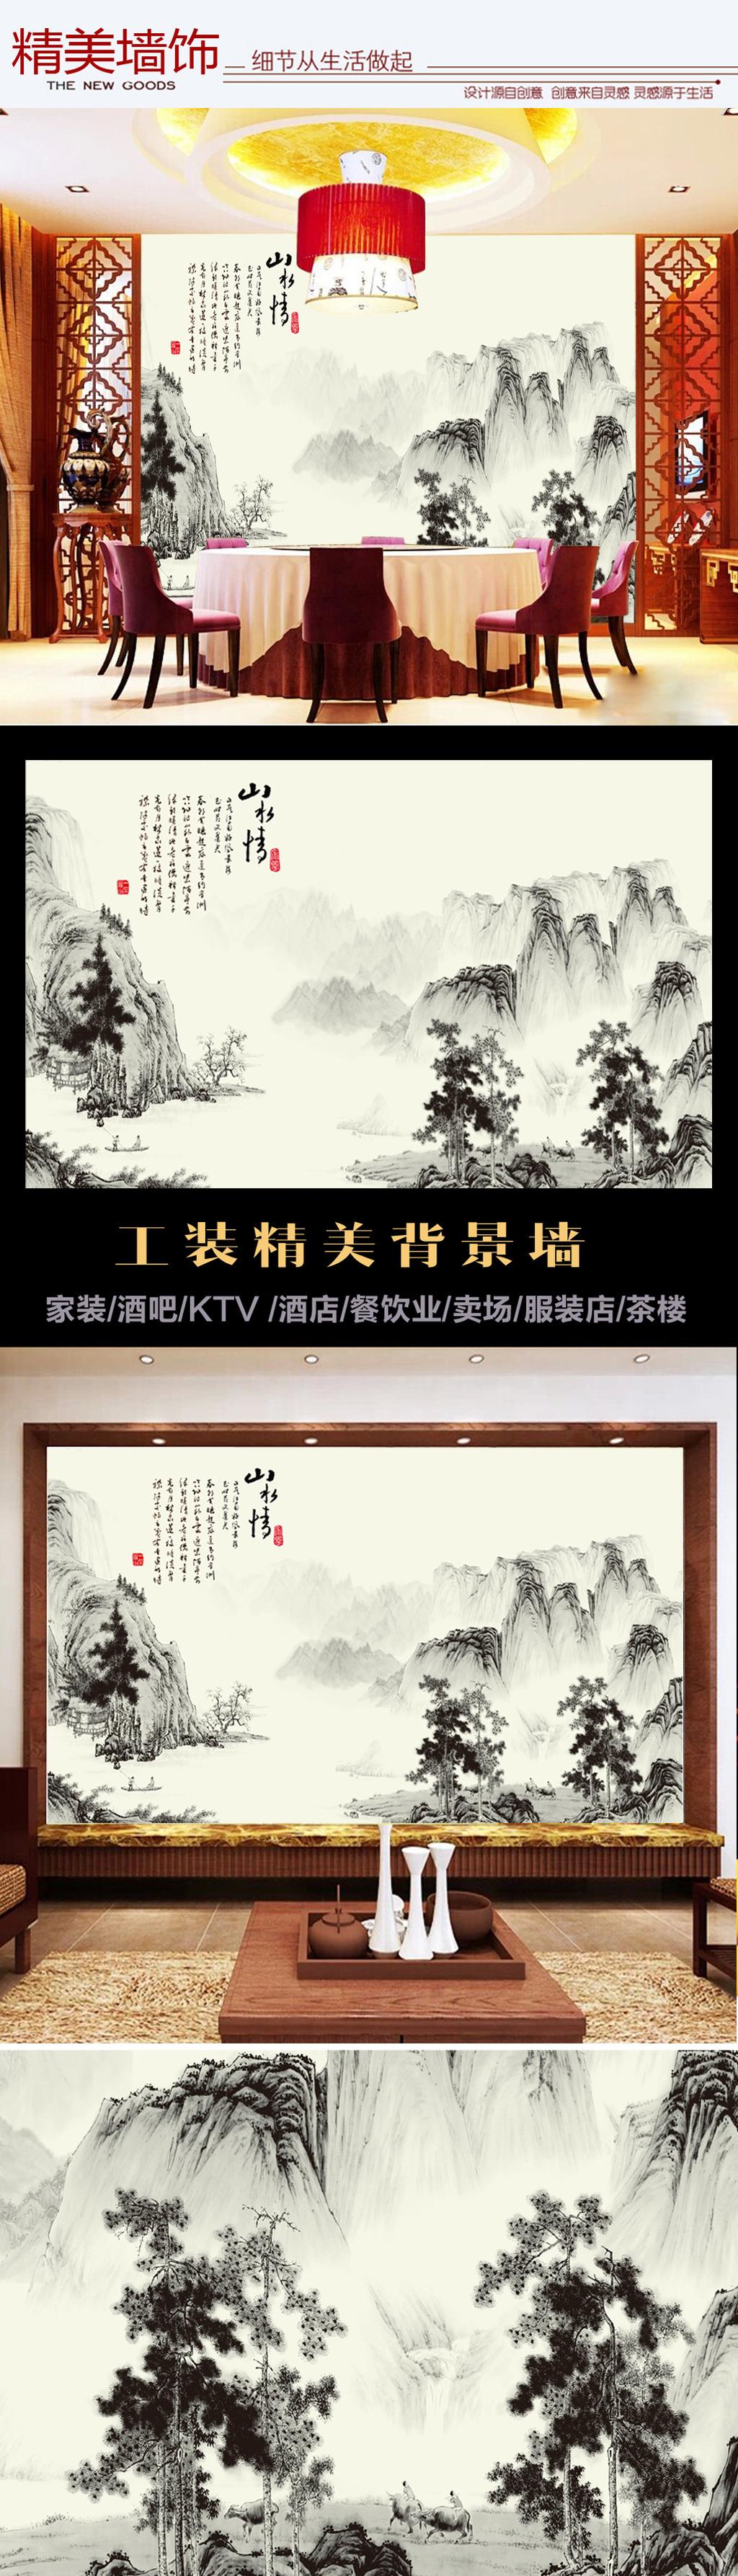 梅花仙鹤竹林背景墙高清图片下载(图片编号12565873)